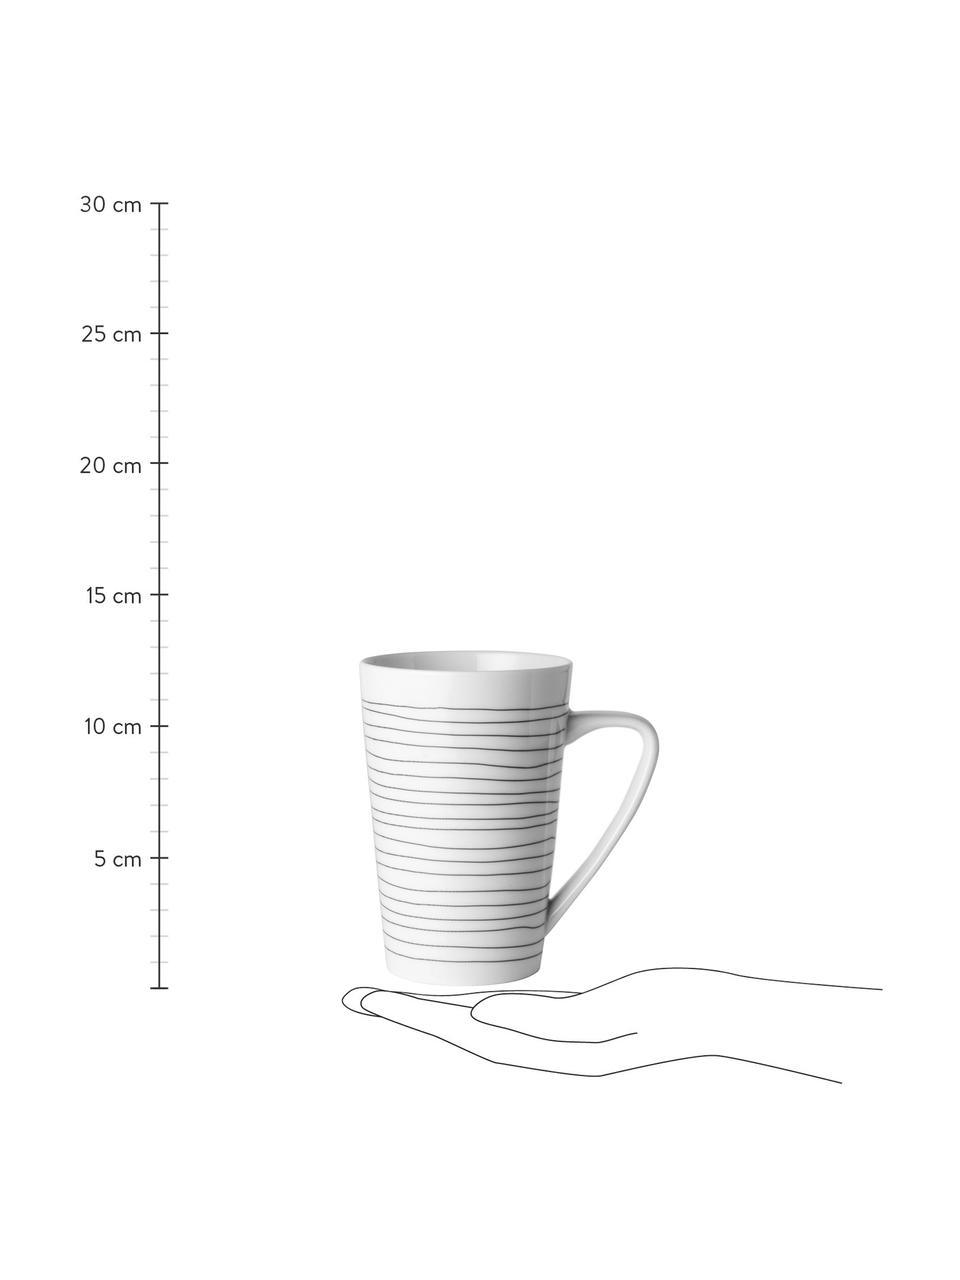 XL-Tassen Eris Loft mit Liniendekor, 4 Stück, Porzellan, Weiß, Schwarz, Ø 9 x H 13 cm